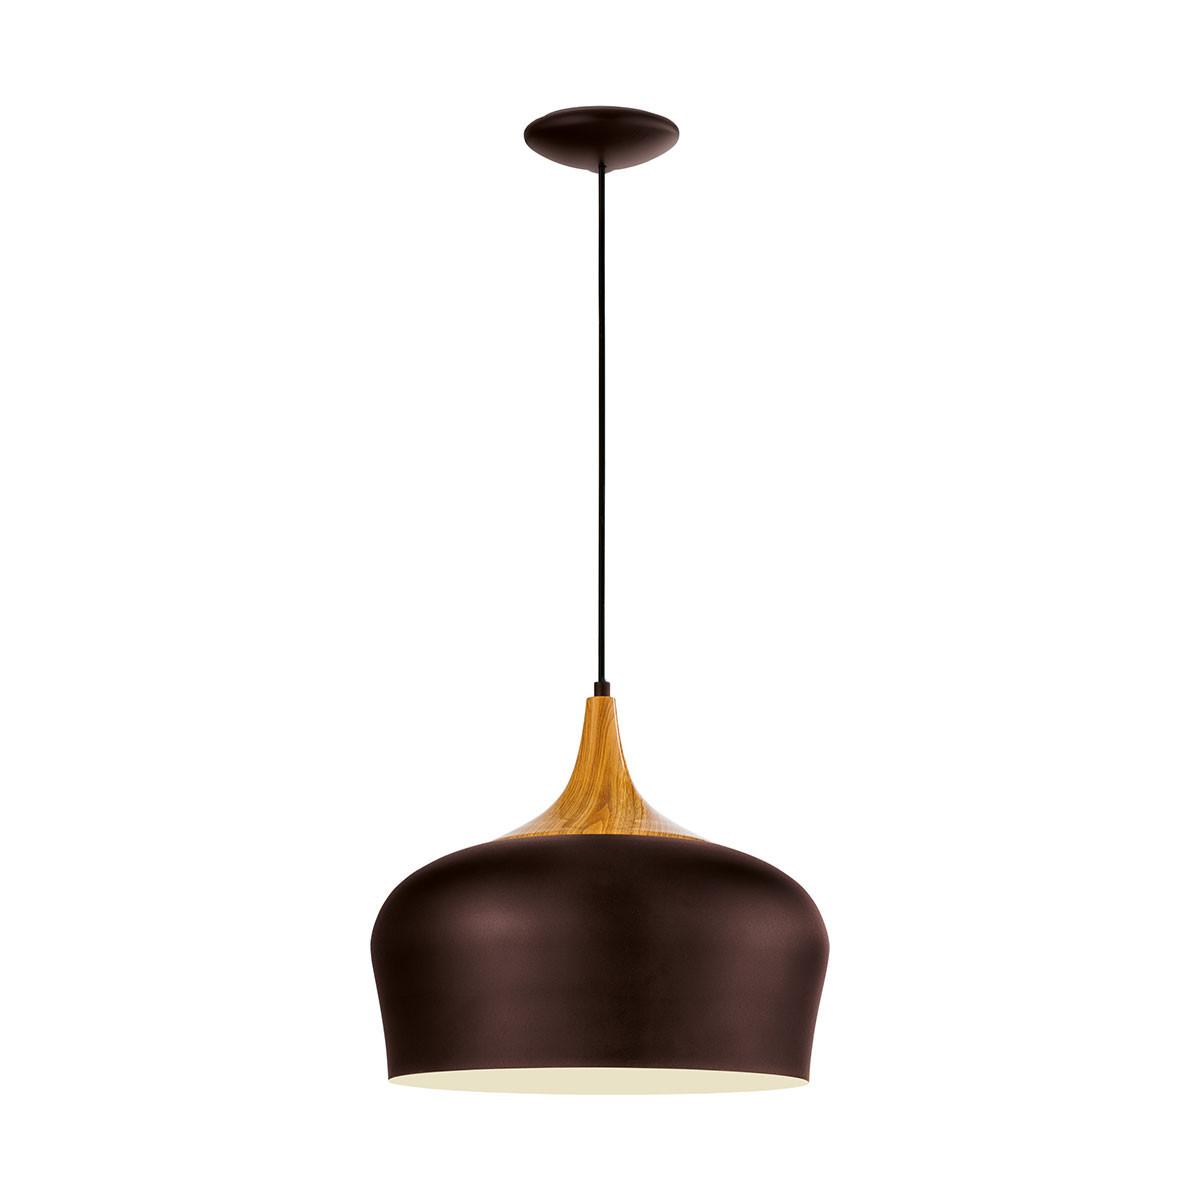 Φωτιστικό Οροφής Μονόφωτο Eglo Obregon 95385